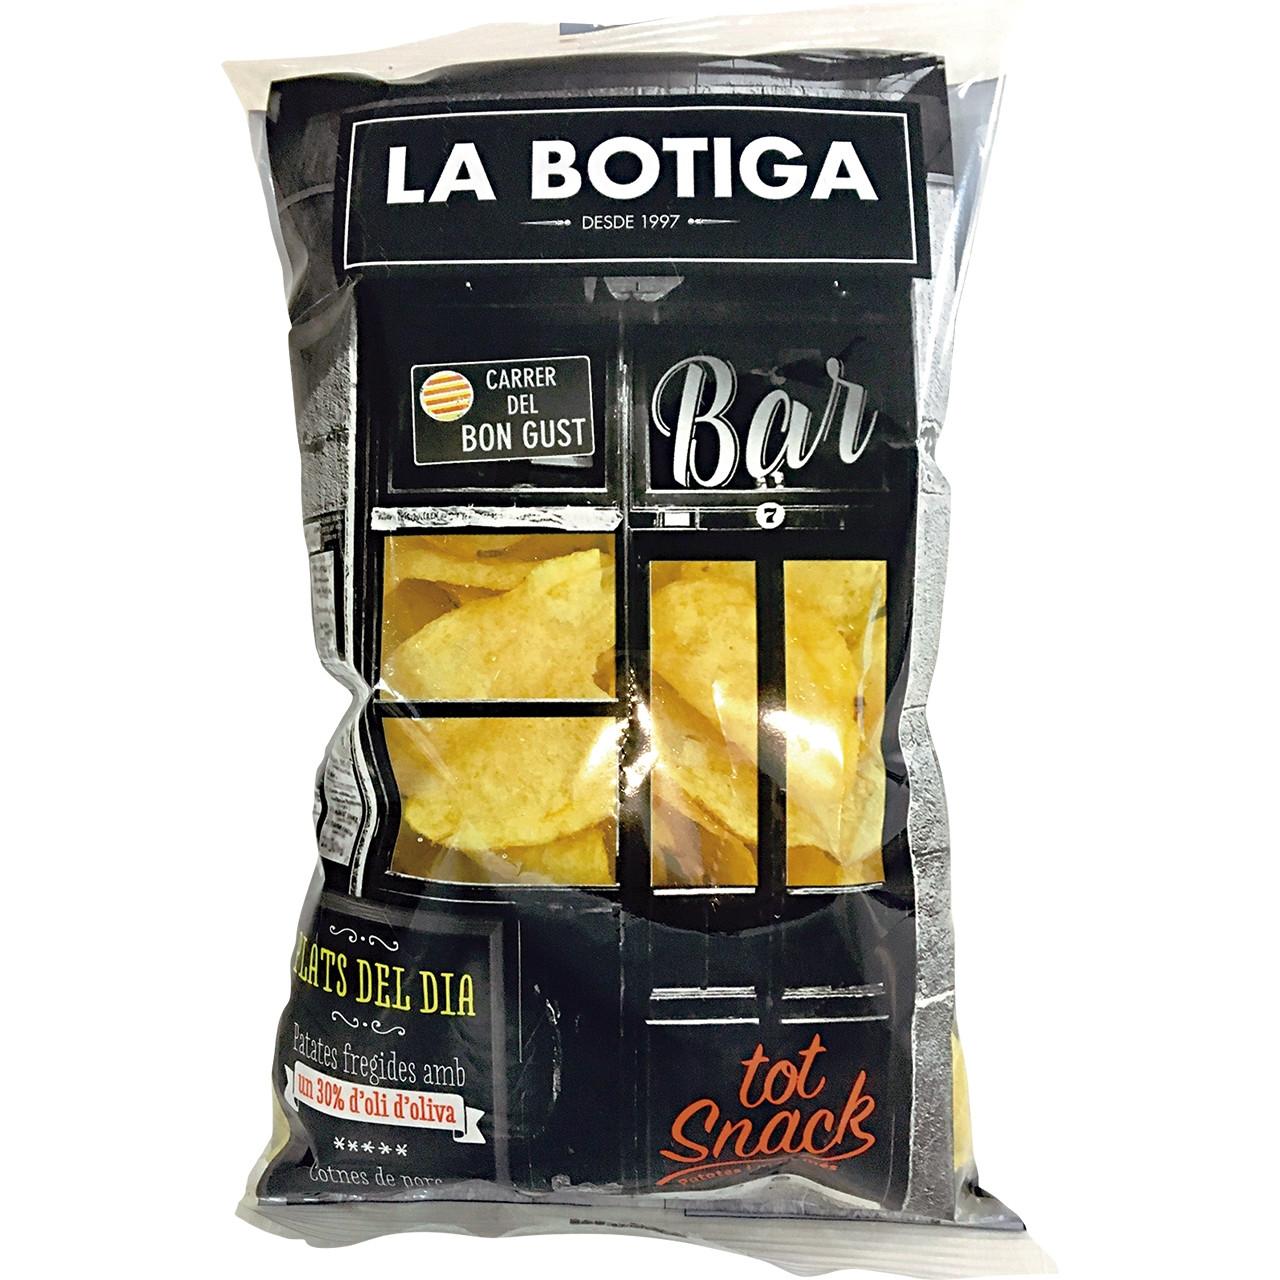 Patates fregides artesanes oli d'oliva Tot Snack